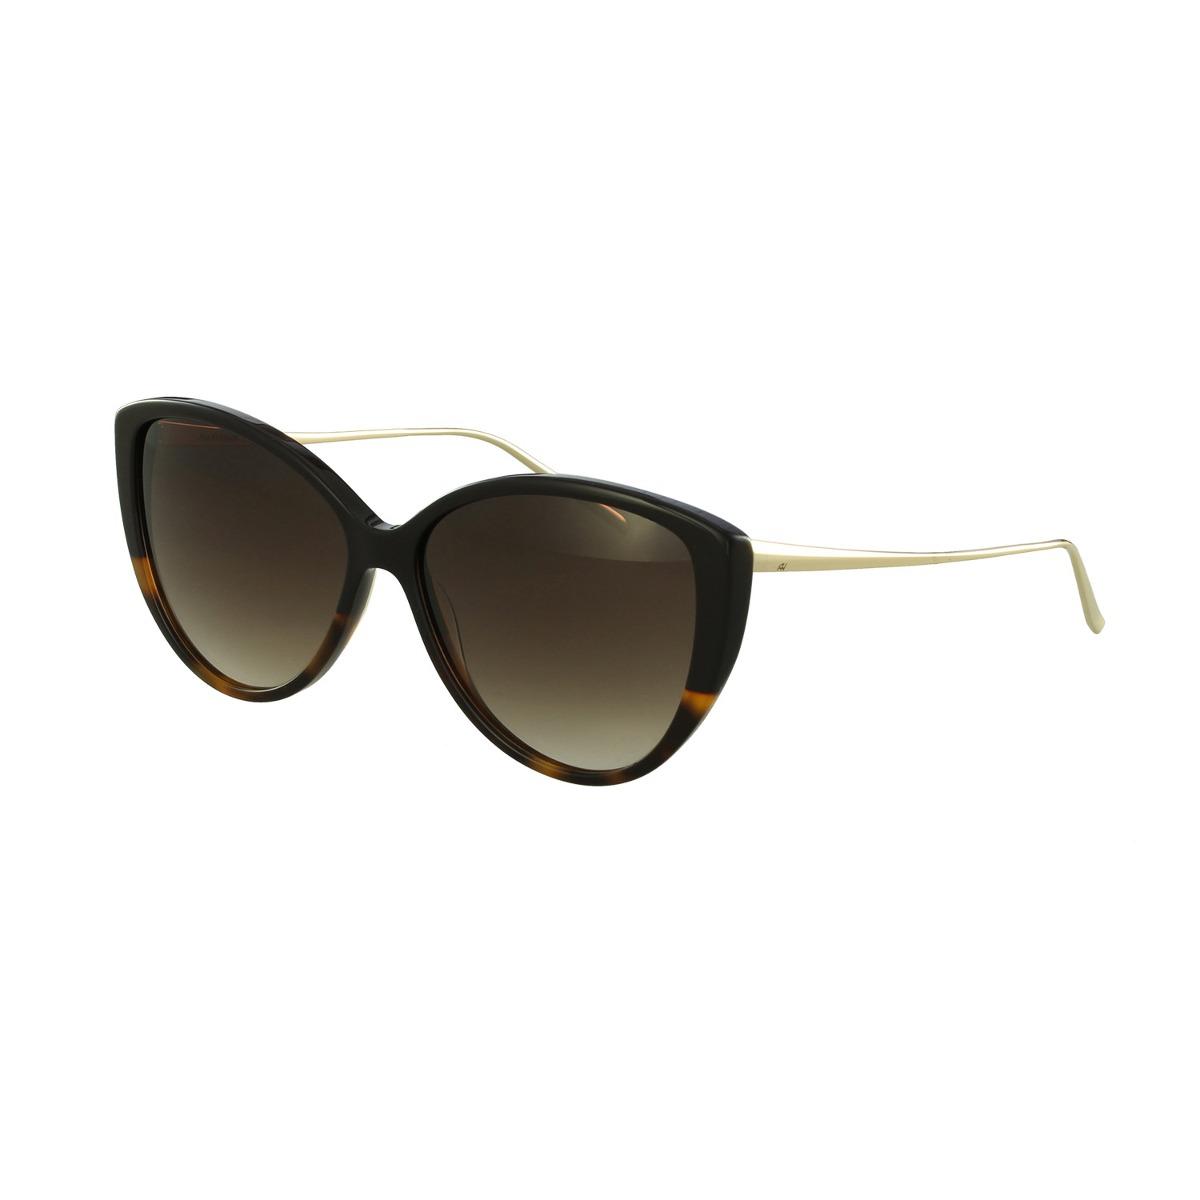 3fd86a8c8009a Óculos De Sol Ana Hickmann Gatinho Marrom - R  444,00 em Mercado Livre